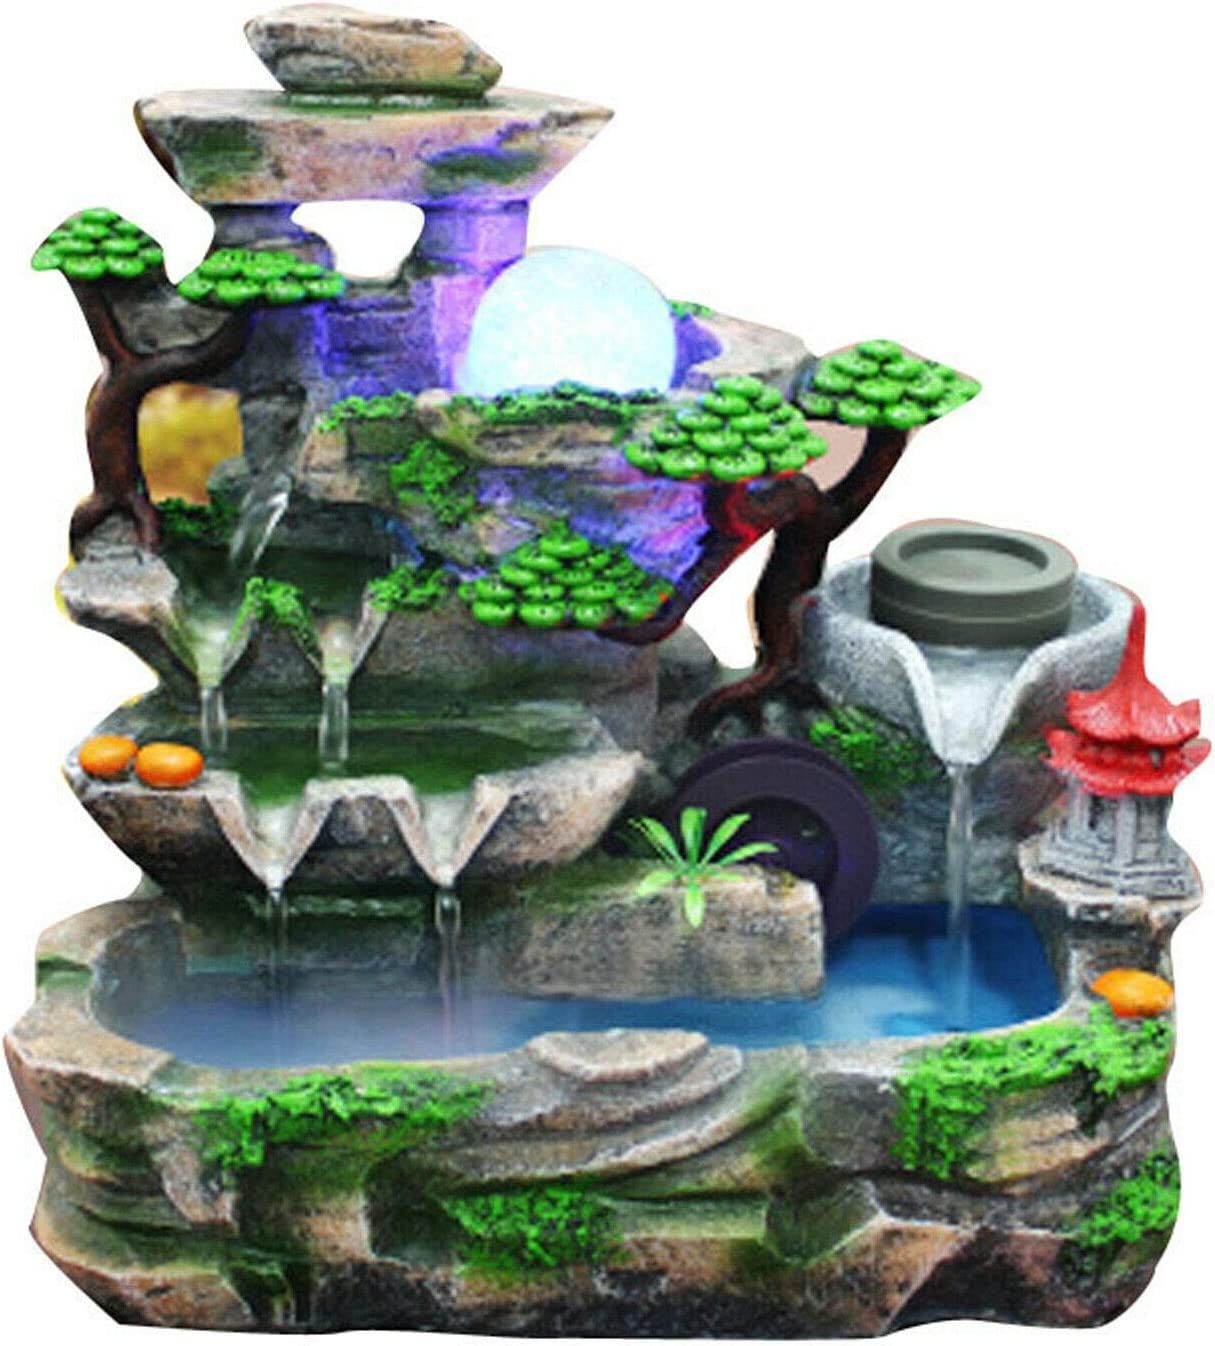 低価格化 Multicolors Indoor Water Fountain オンラインショップ Led Resin Wat and Mist Rockery